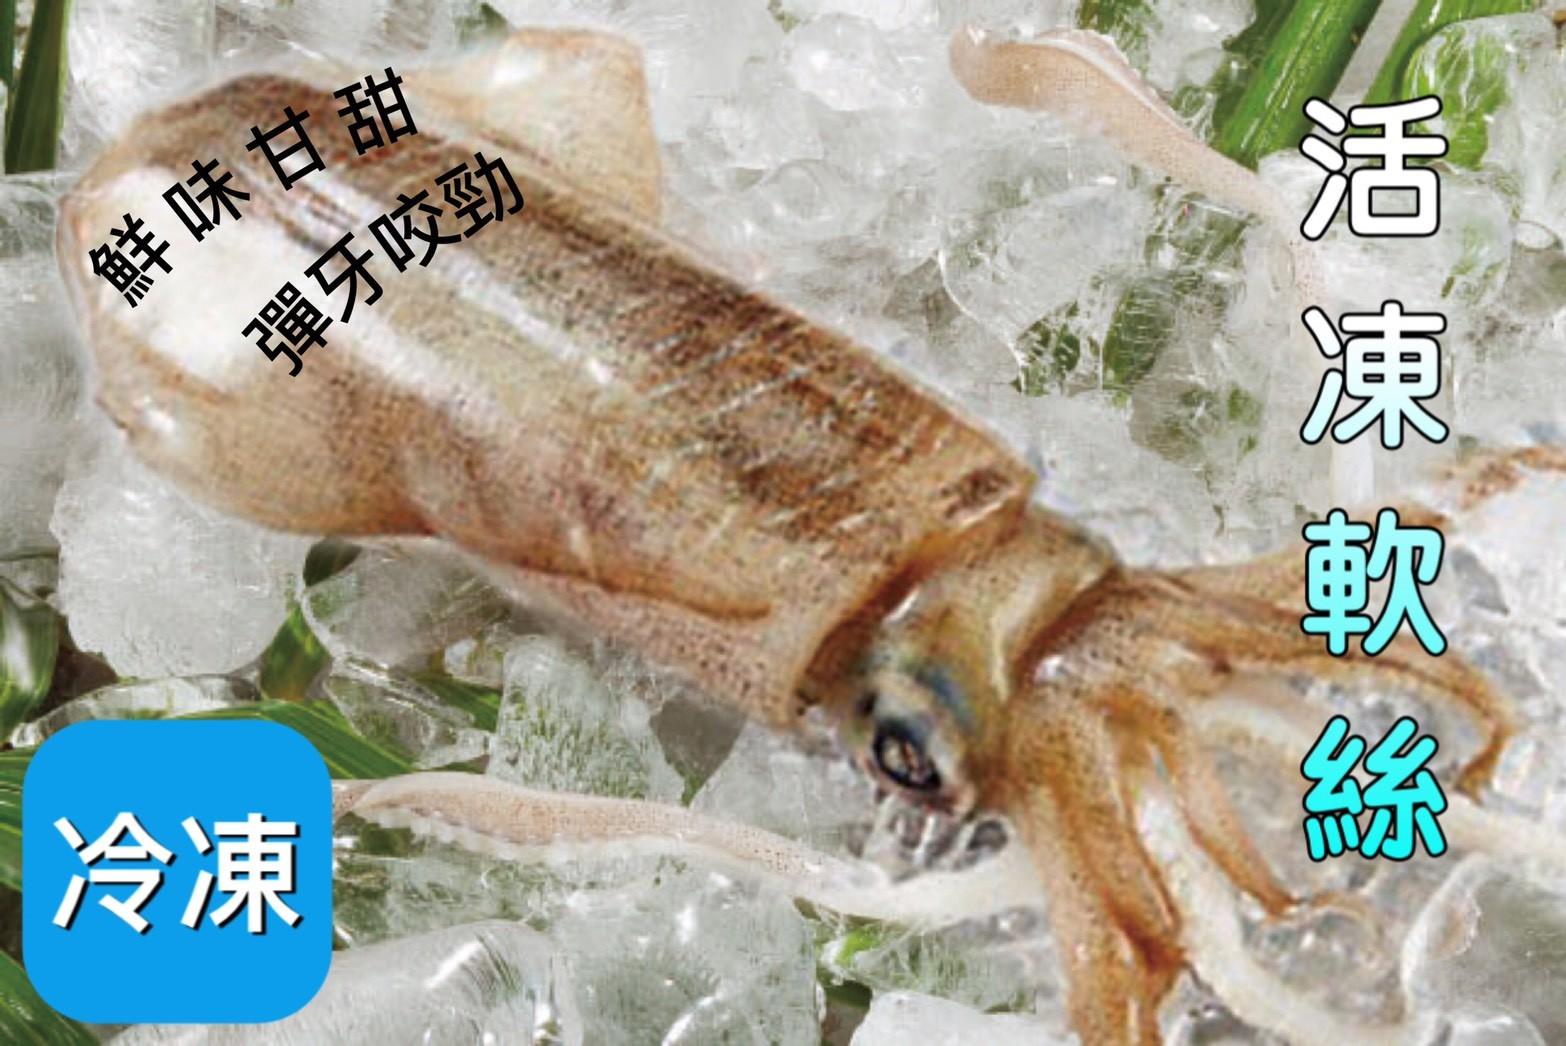 【立三】極鮮甜活凍軟絲( 350g ± 50g尾)